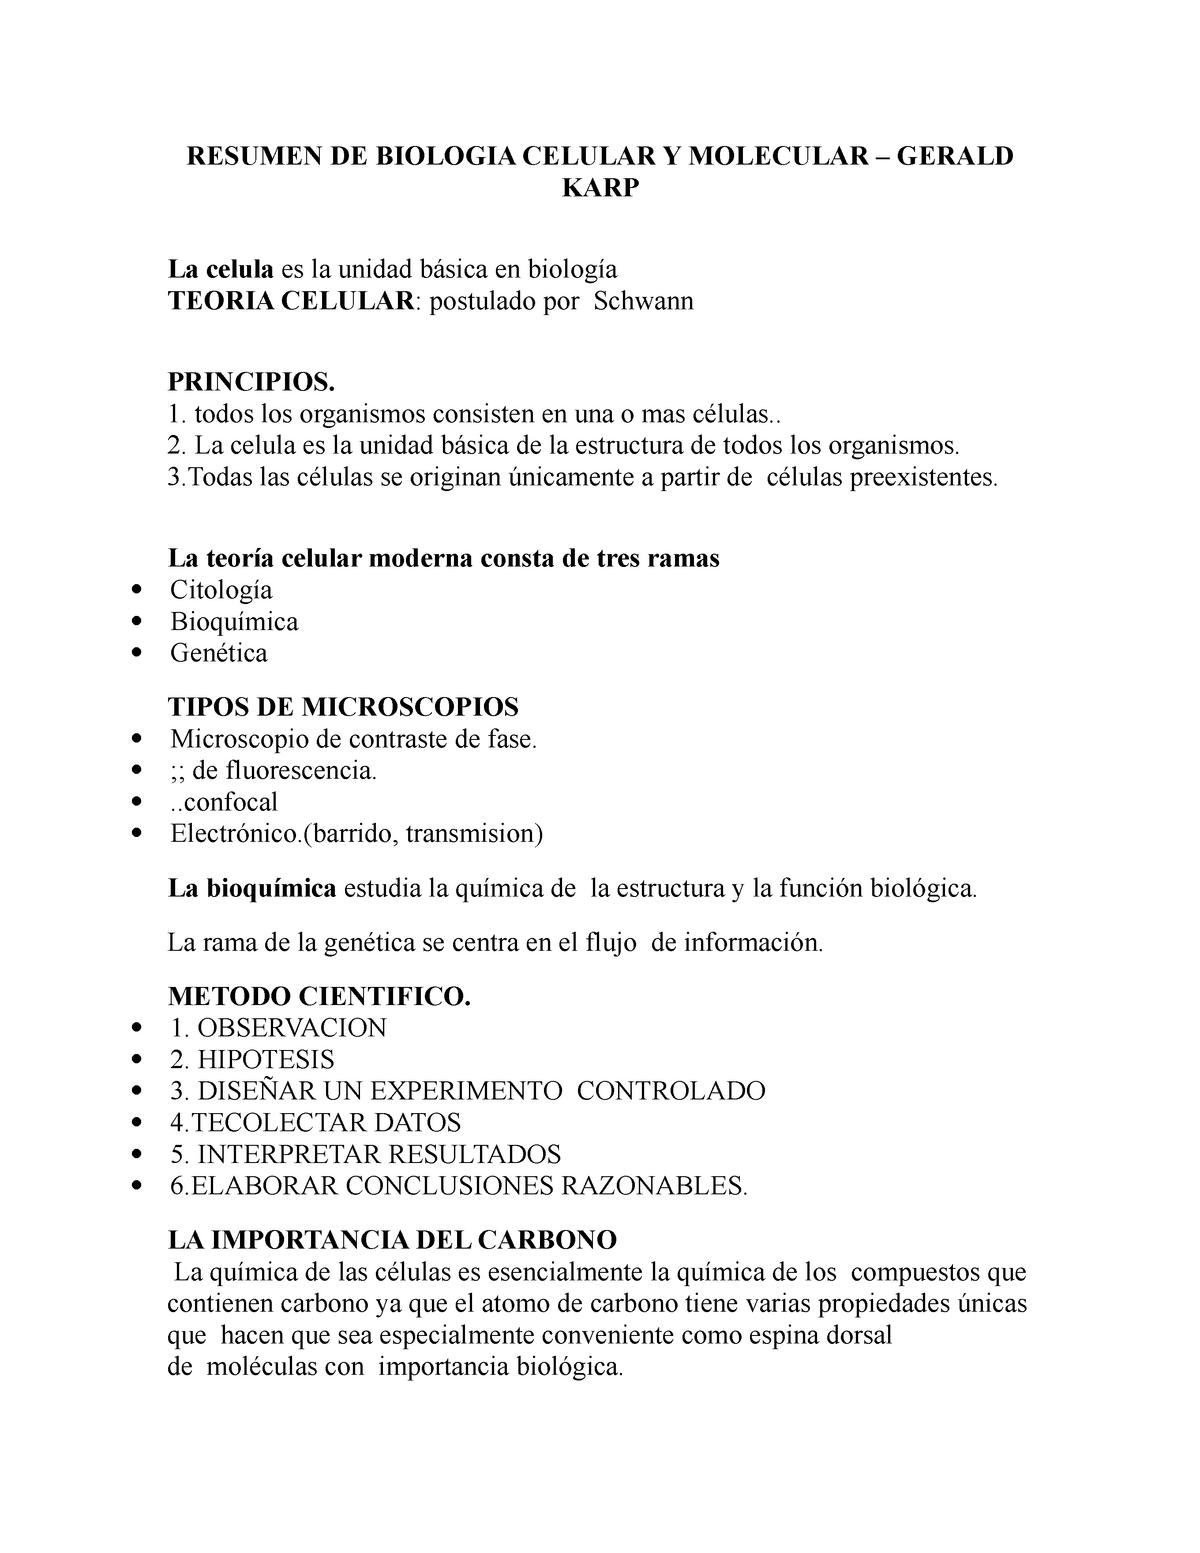 Resumen De Biologia Celular Y Molecular Una Studocu